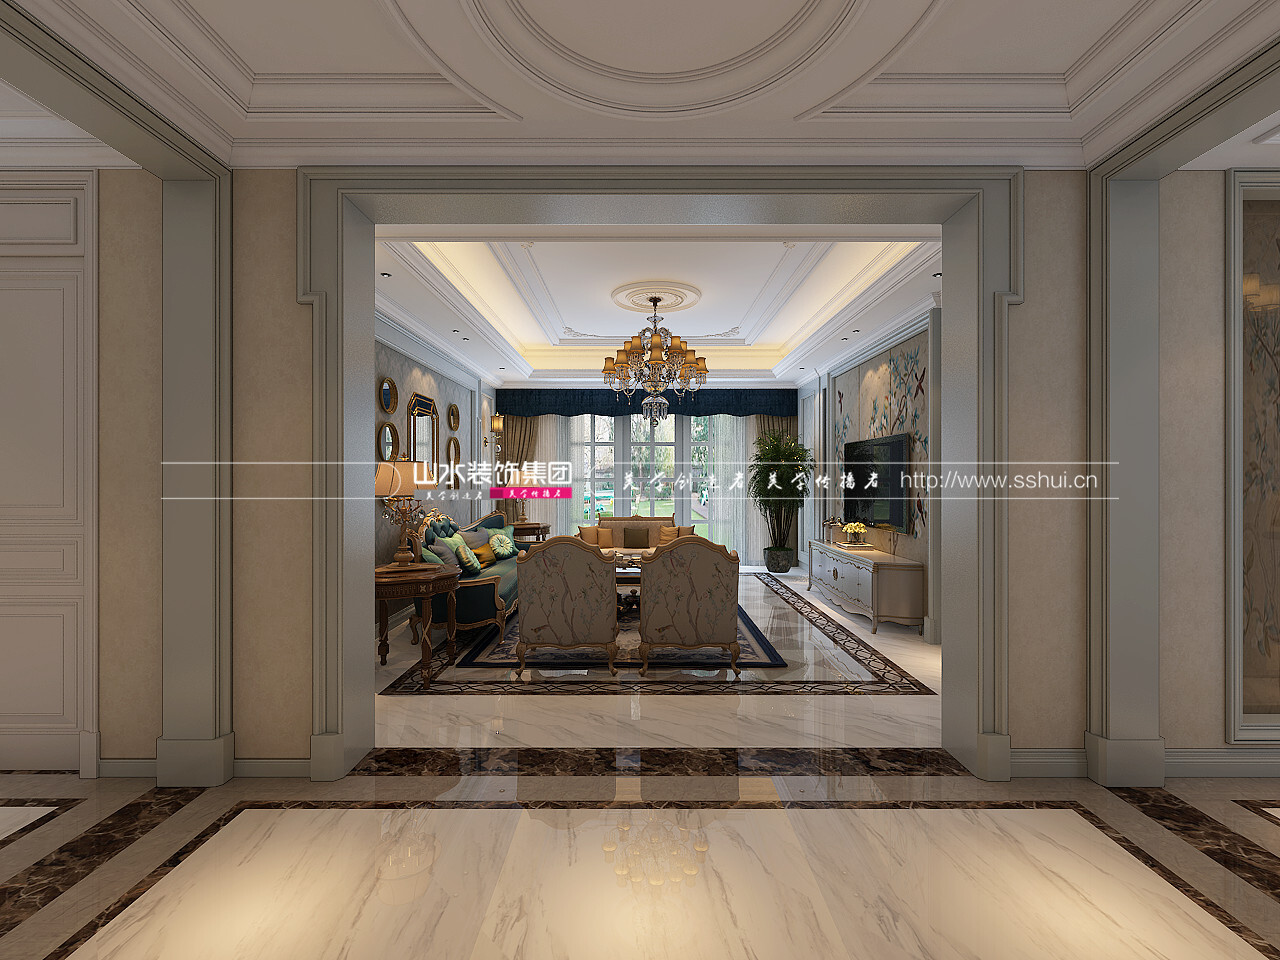 玫瑰園法式合院現代風格裝修效果圖-200平米別墅